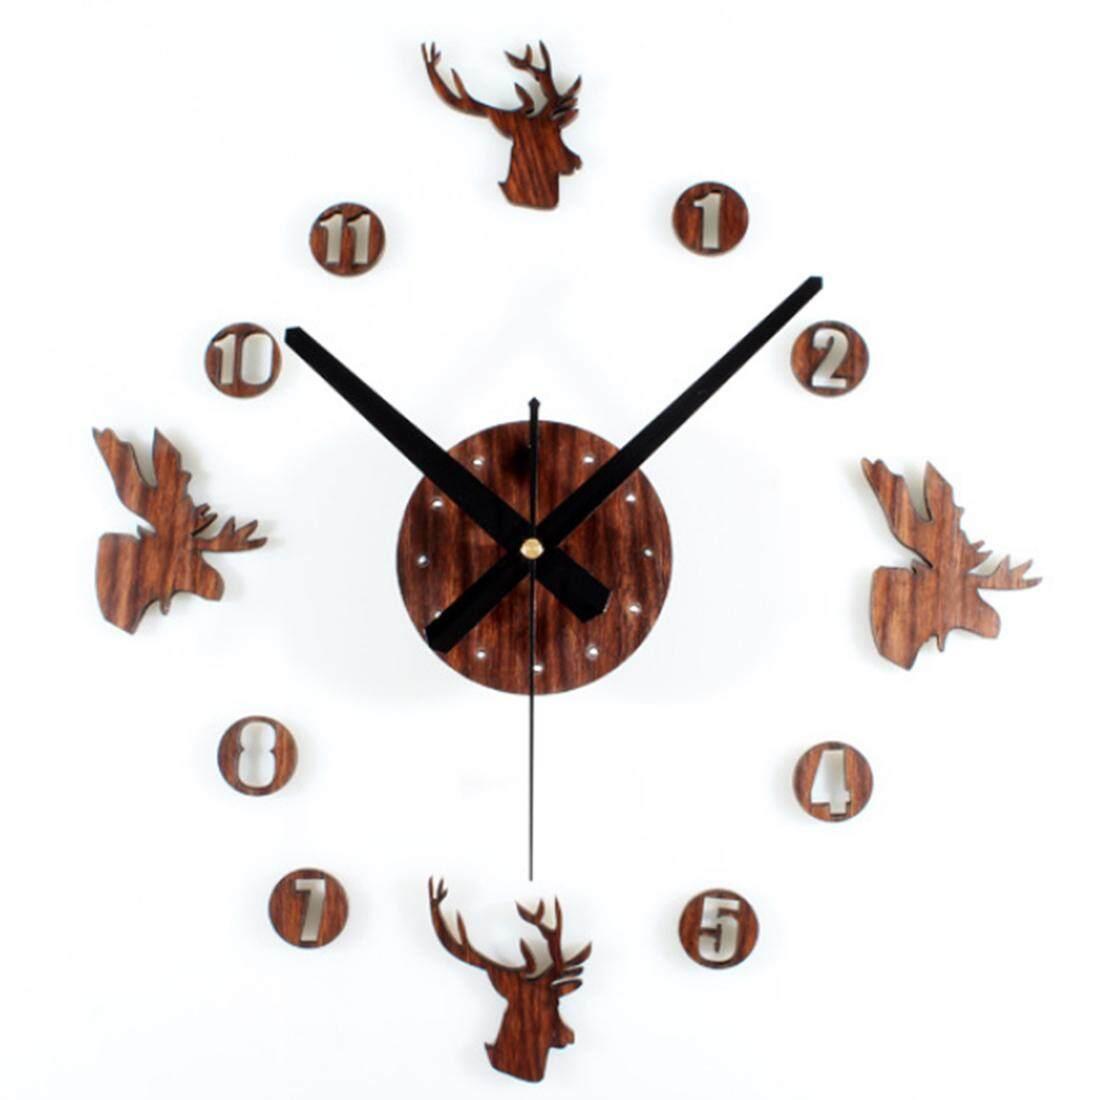 360DSC Eropa Retro Dekorasi Rumah Gaya Pastoral Kayu Jam Dinding DIY Kepala Rusa Dikombinasikan Clock-